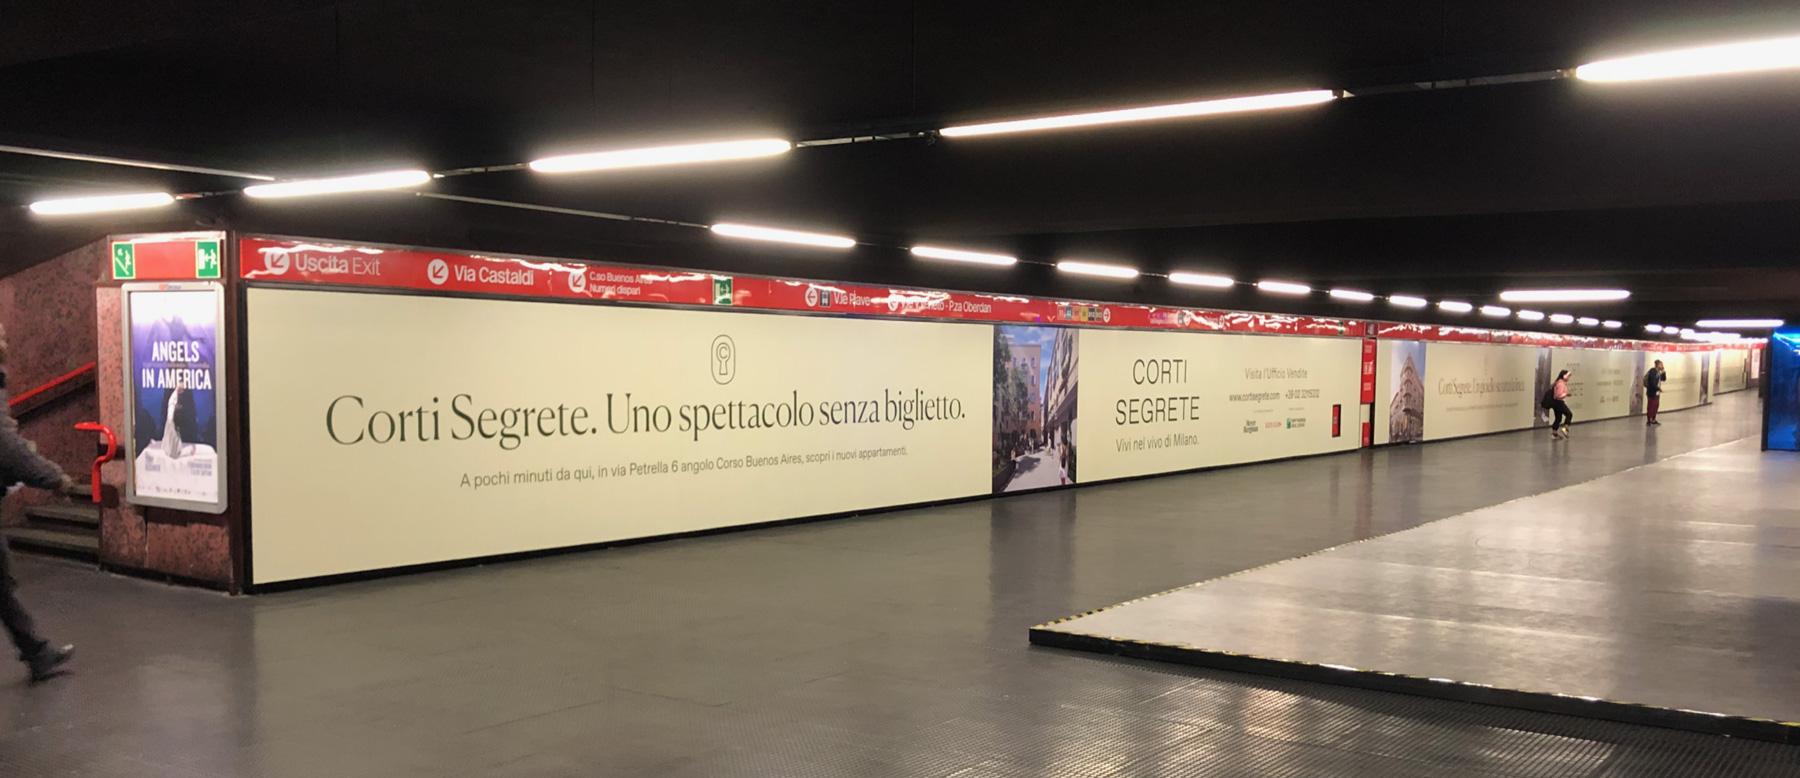 Campagna Pubblicitaria Metropolitana Milano Corti Segrete